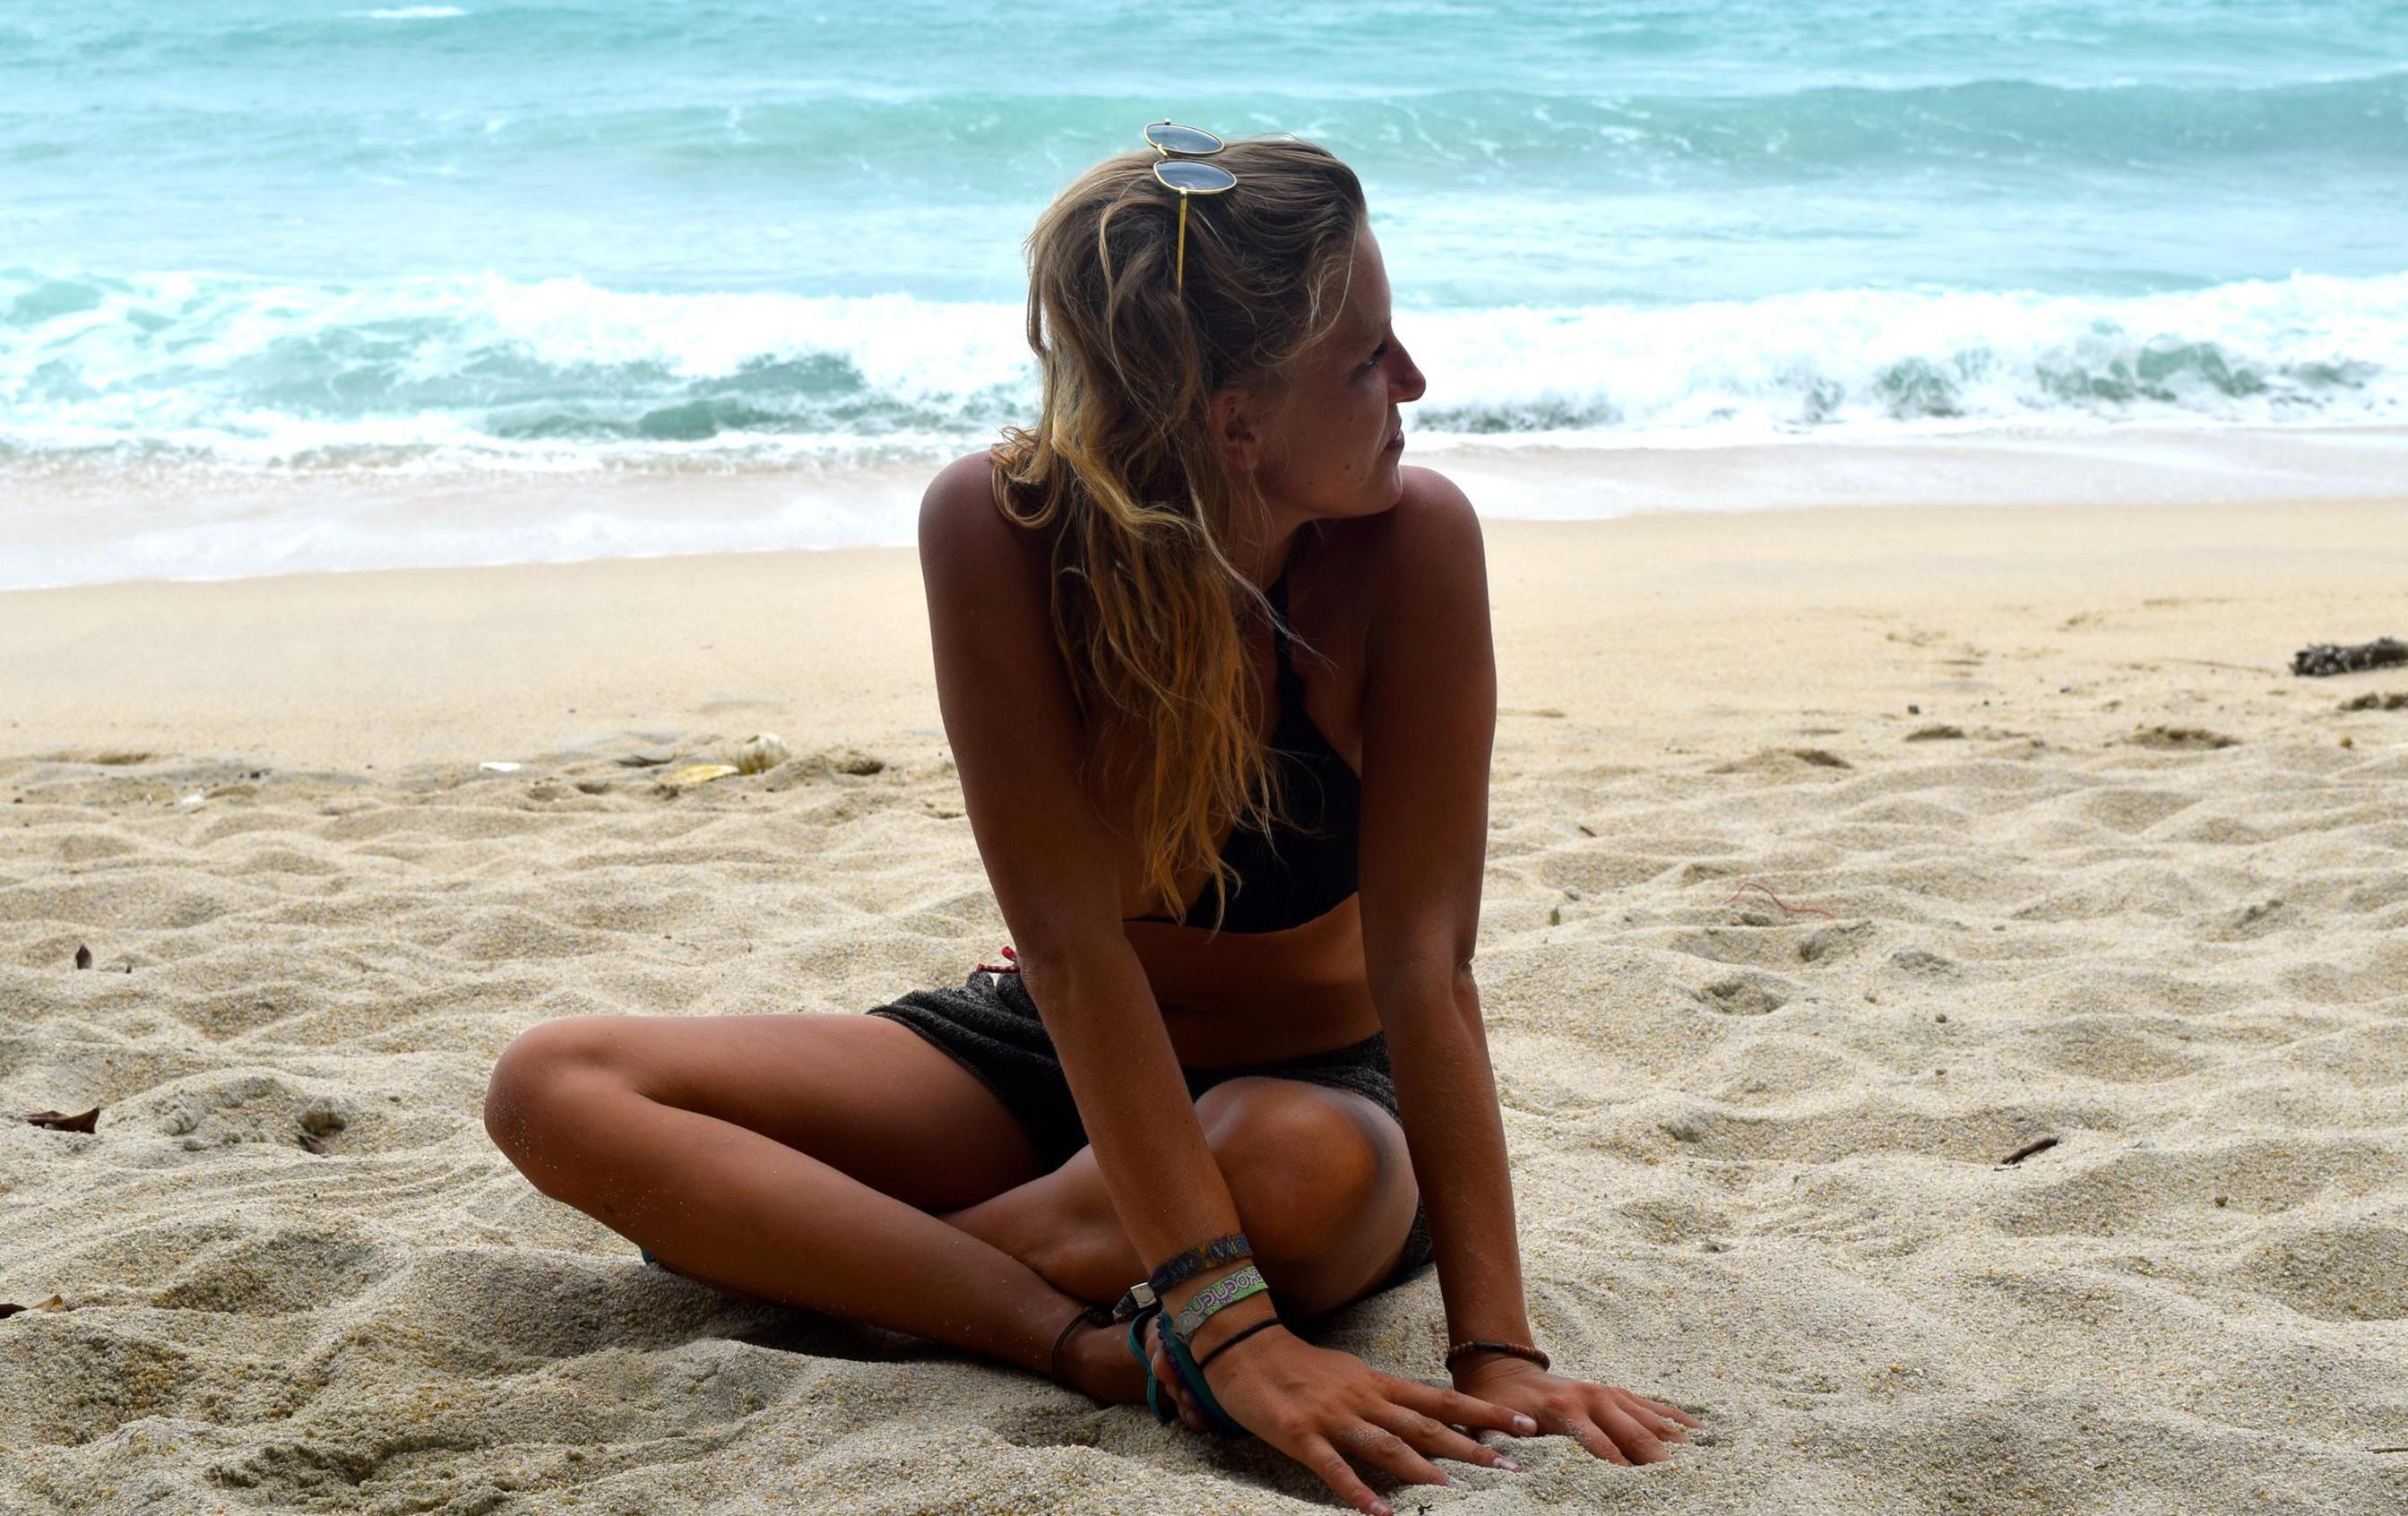 Bild zu Den ganzen Tag am Strand sein - ein Traumjob!